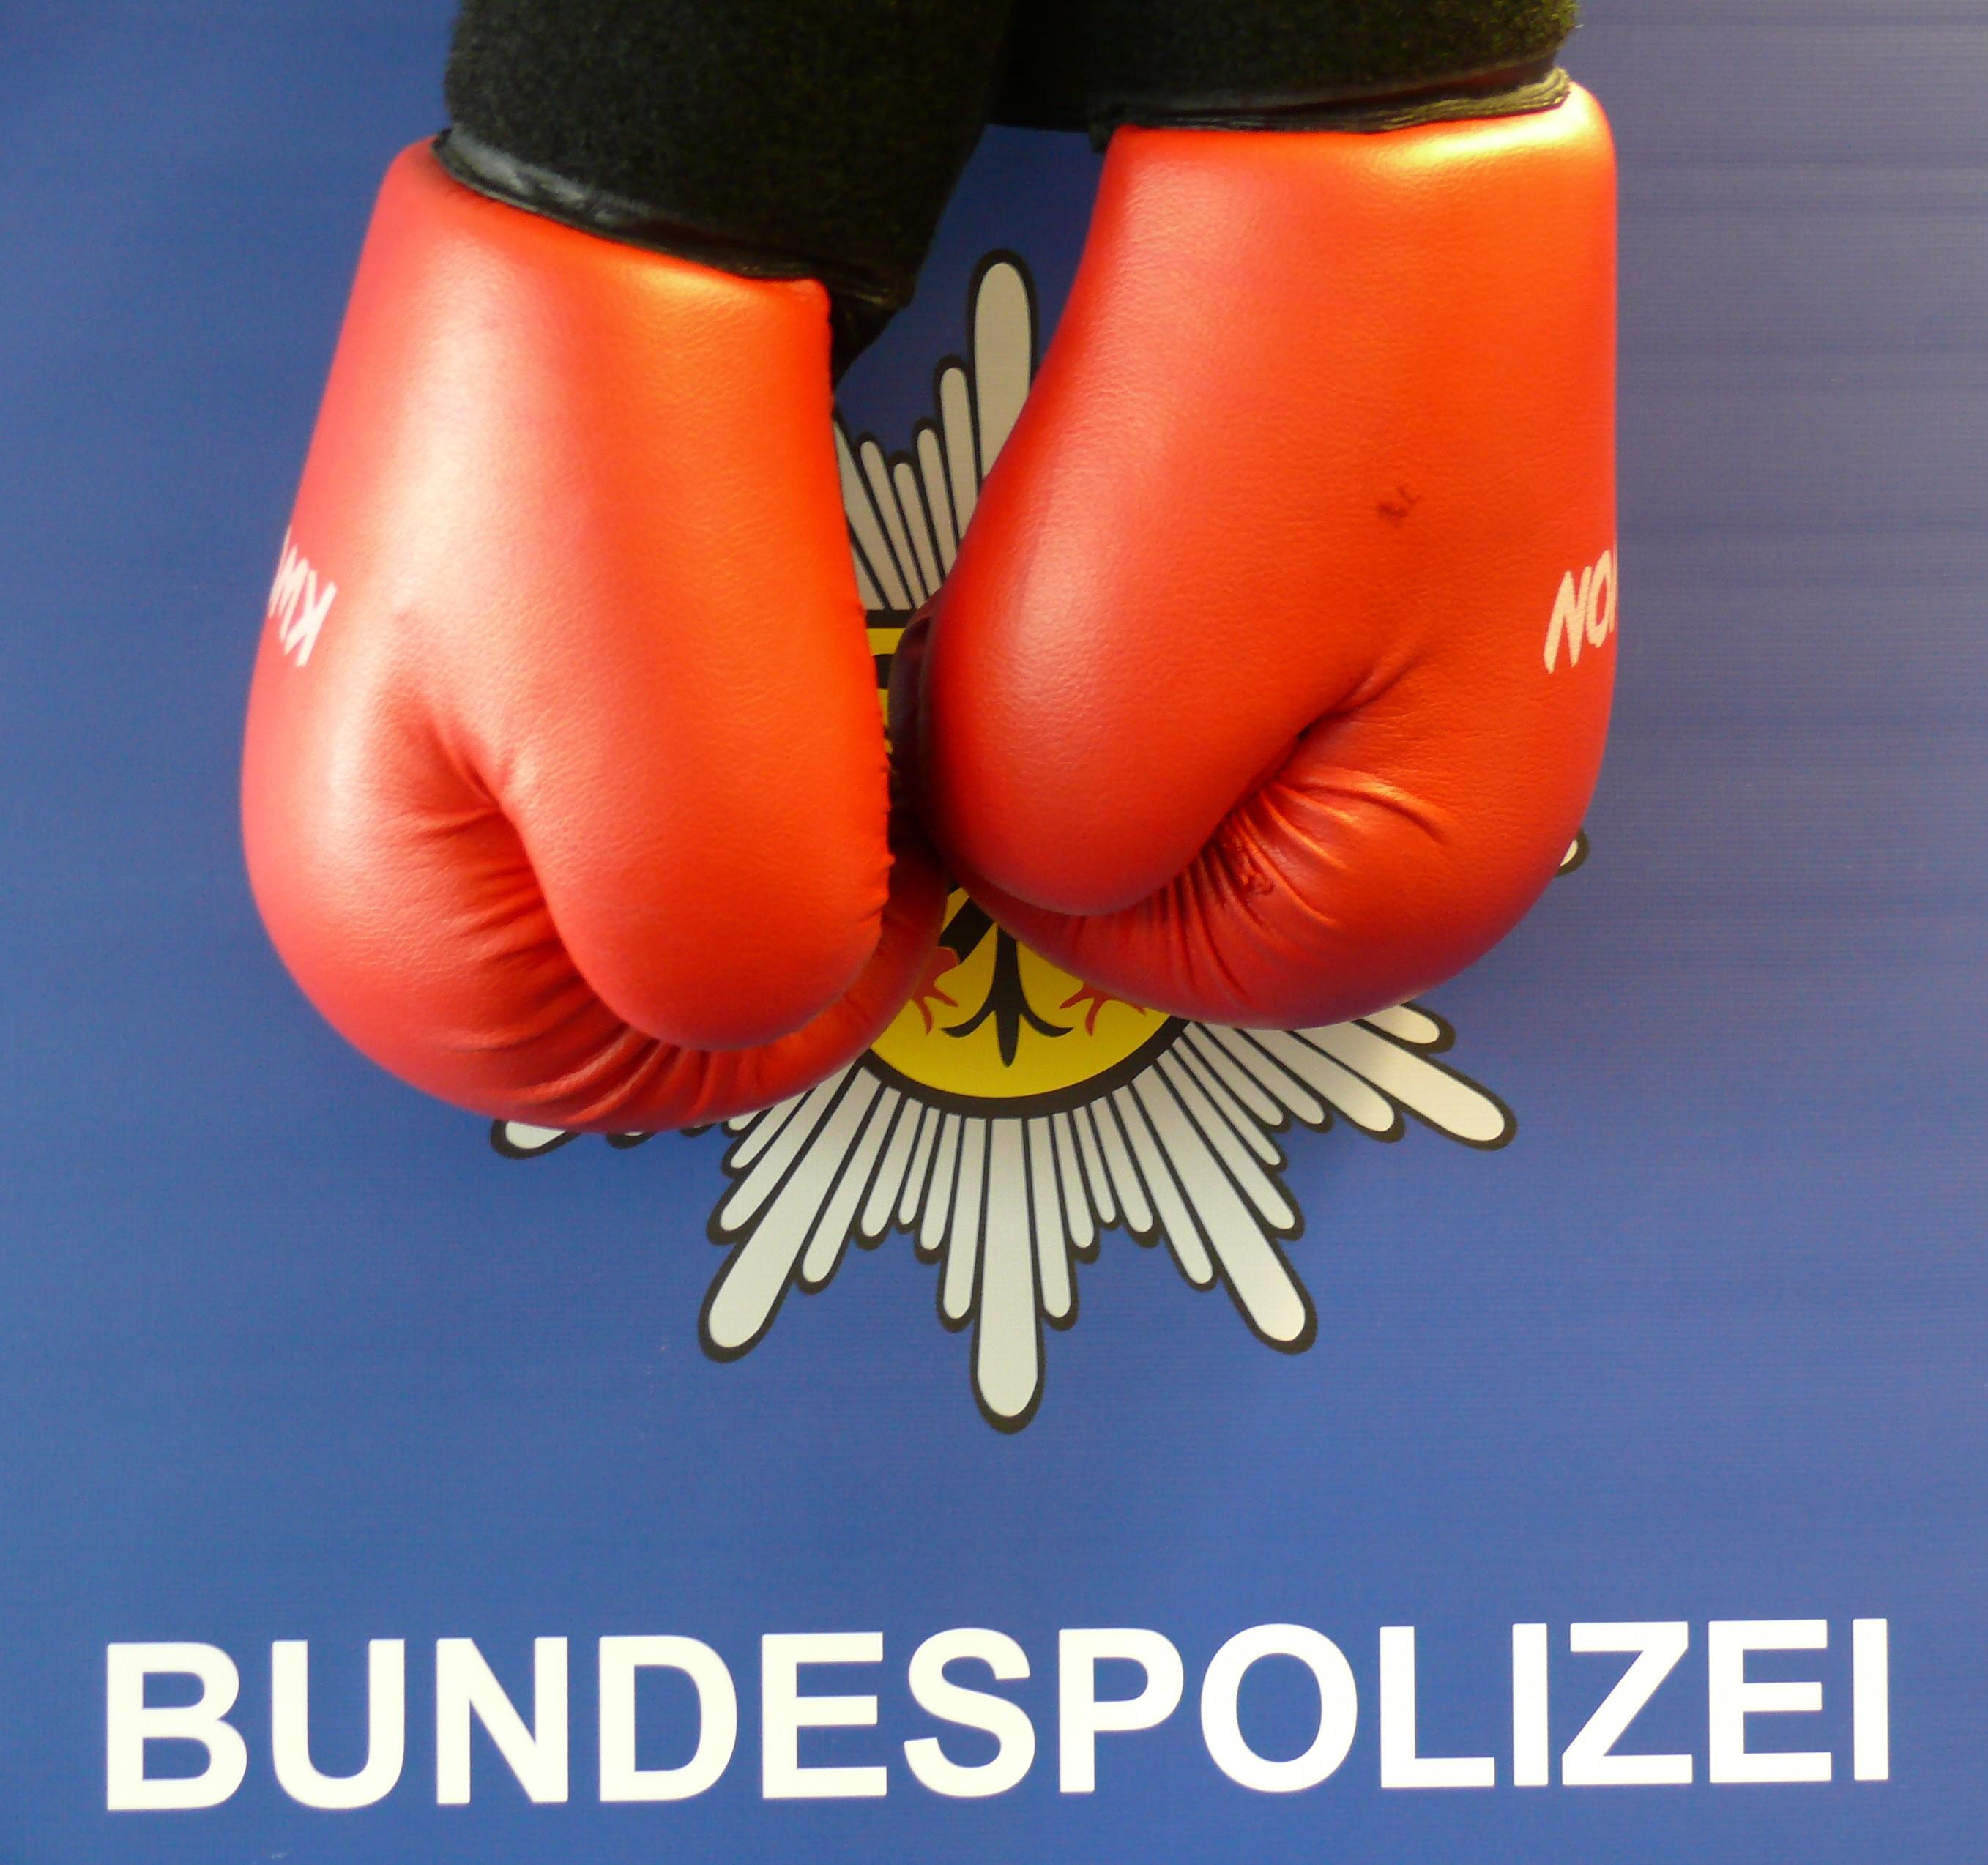 Warum der Mann Boxhandschuhe mitführte, konnte nicht geklärt werden. (Foto: OTS)